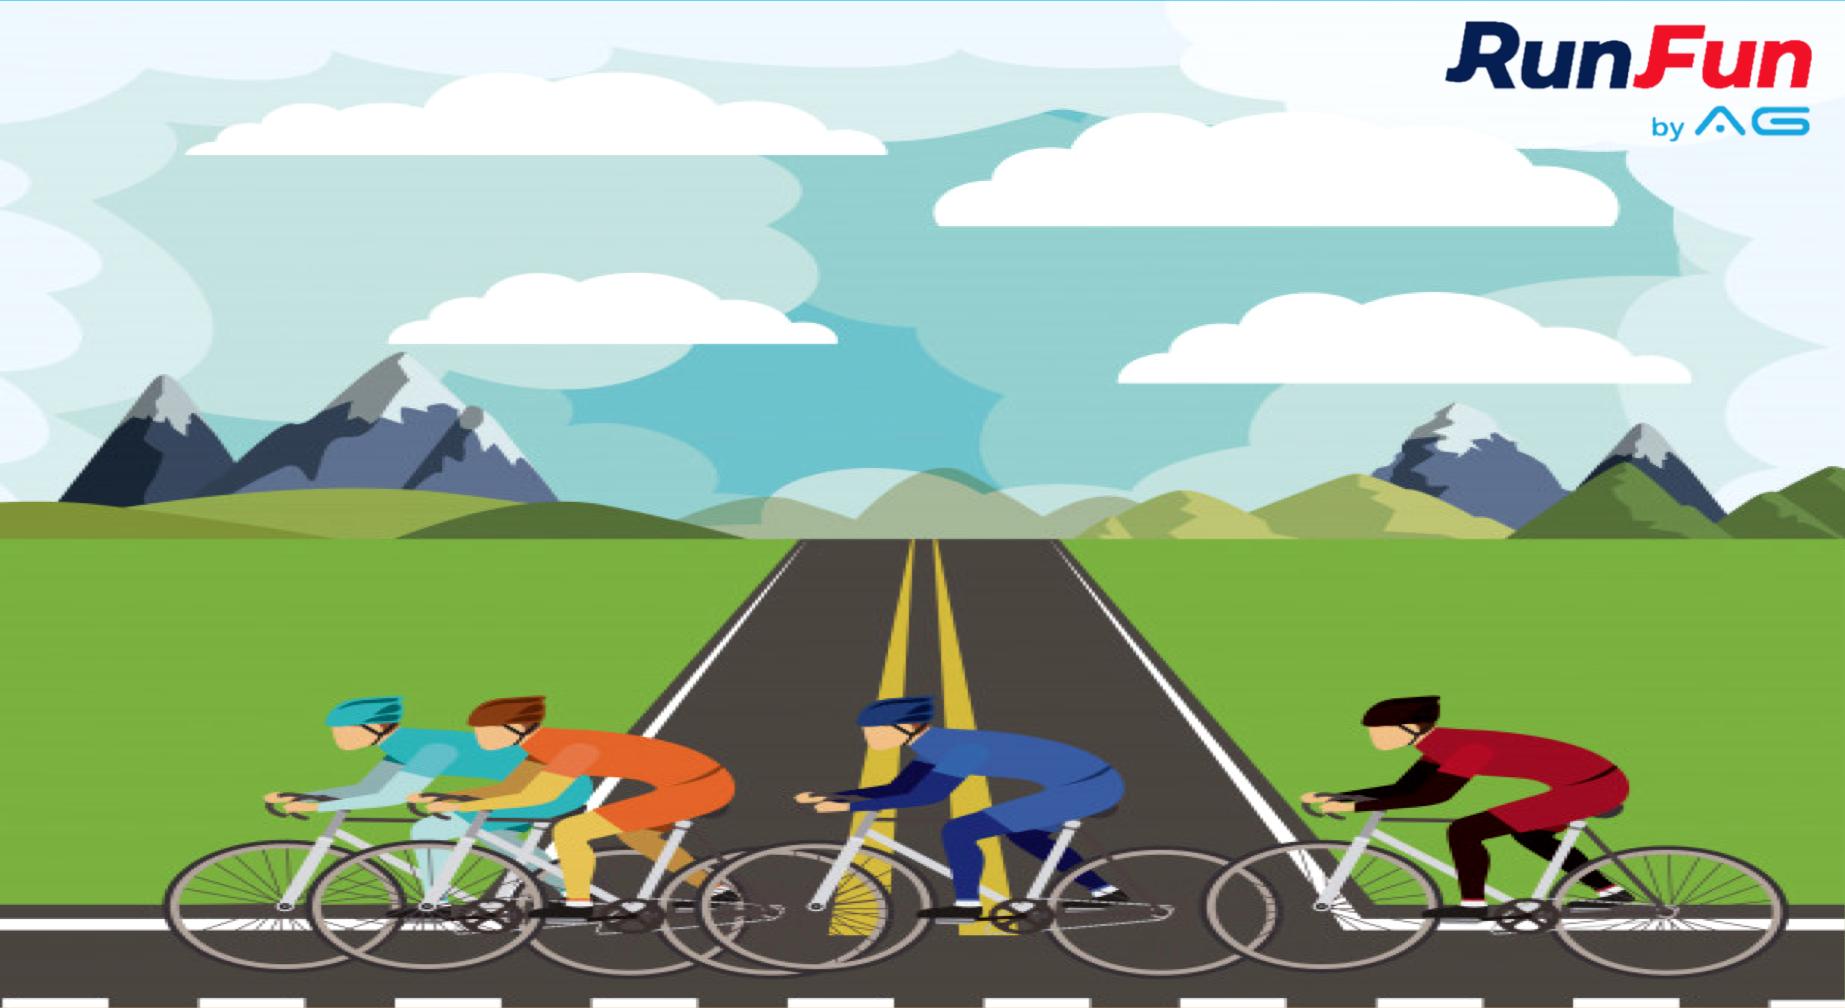 Desafio-Bike-Indoor-RunFun-by-AG-2020